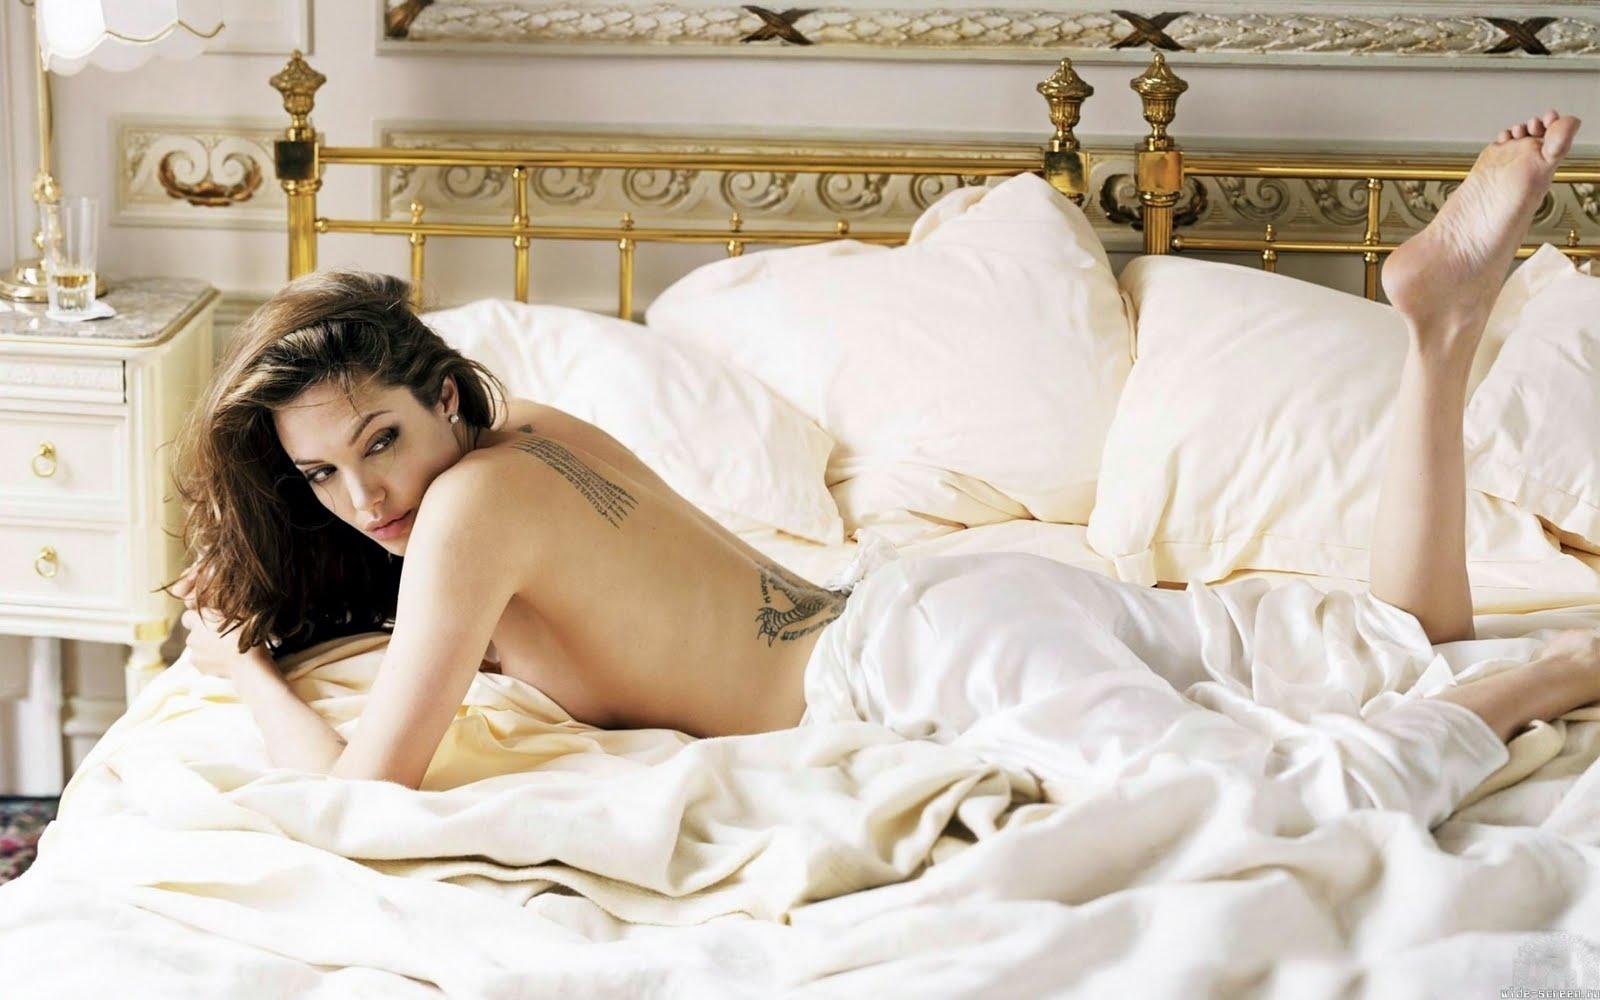 http://4.bp.blogspot.com/-KQ42h9MlAHY/TfOiPjRs4ZI/AAAAAAAAE-Q/RVKzmO6MUSc/s1600/angelina-jolie-wallpaper.jpg